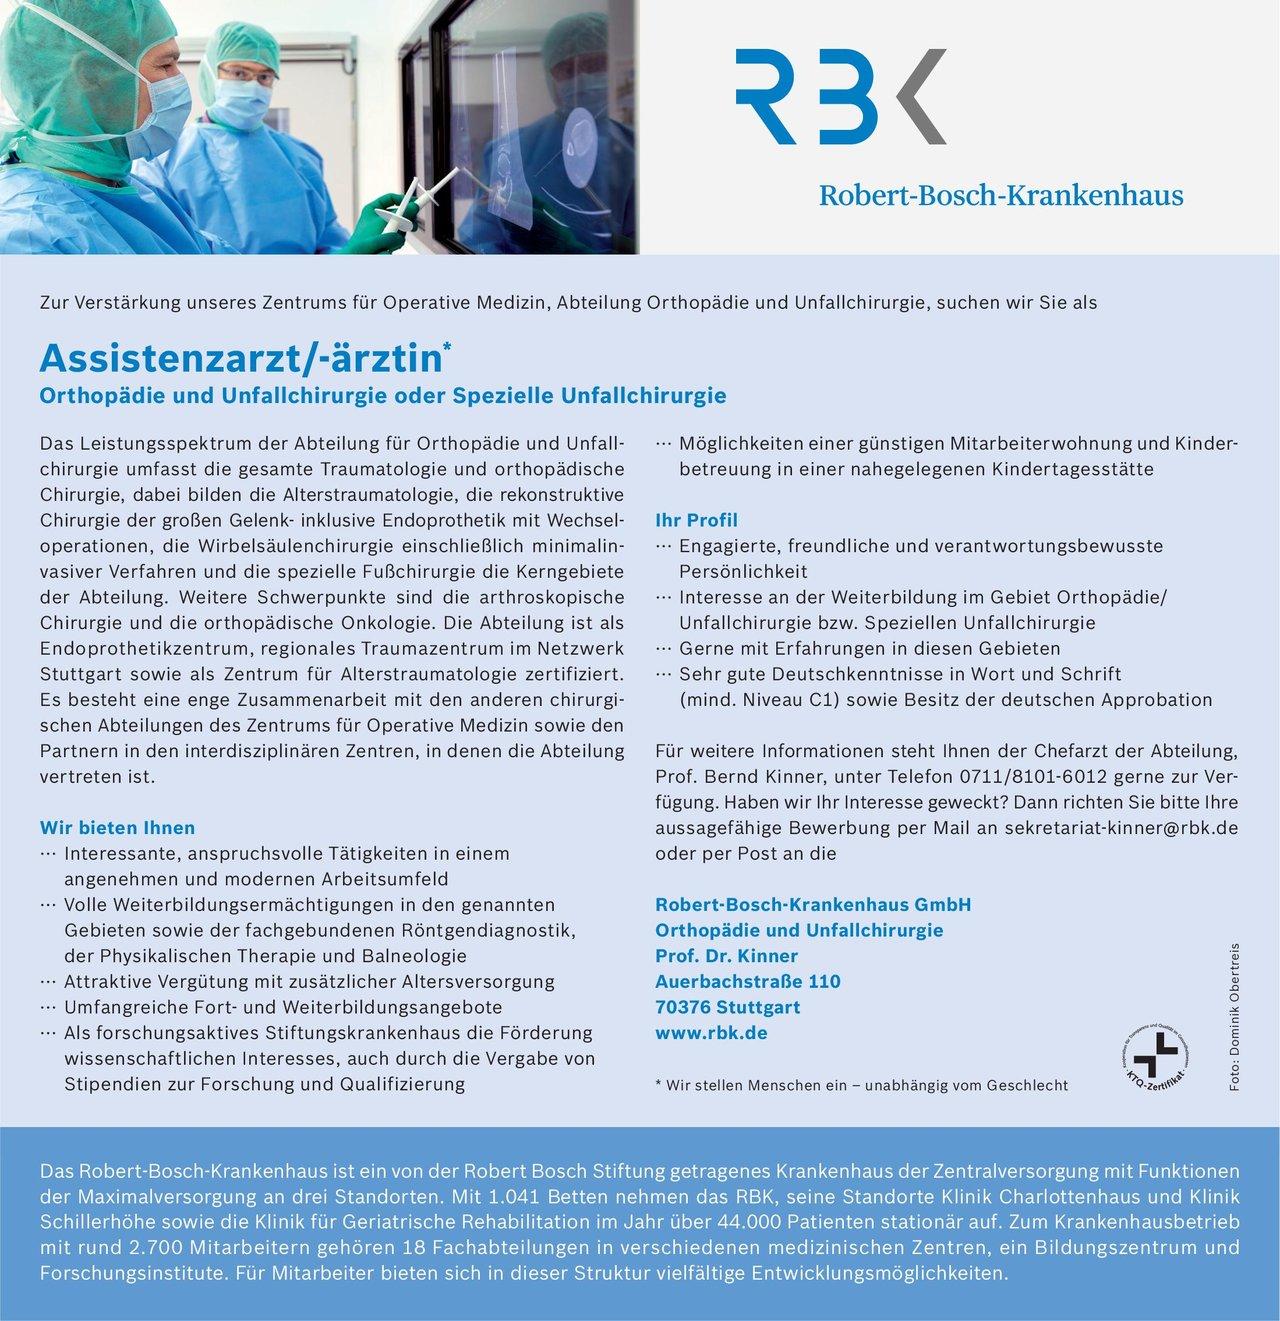 Robert-Bosch-Krankenhaus GmbH Assistenzarzt/-ärztin* Orthopädie und Unfallchirurgie oder Spezielle Unfallchirurgie  Orthopädie und Unfallchirurgie, Chirurgie Assistenzarzt / Arzt in Weiterbildung